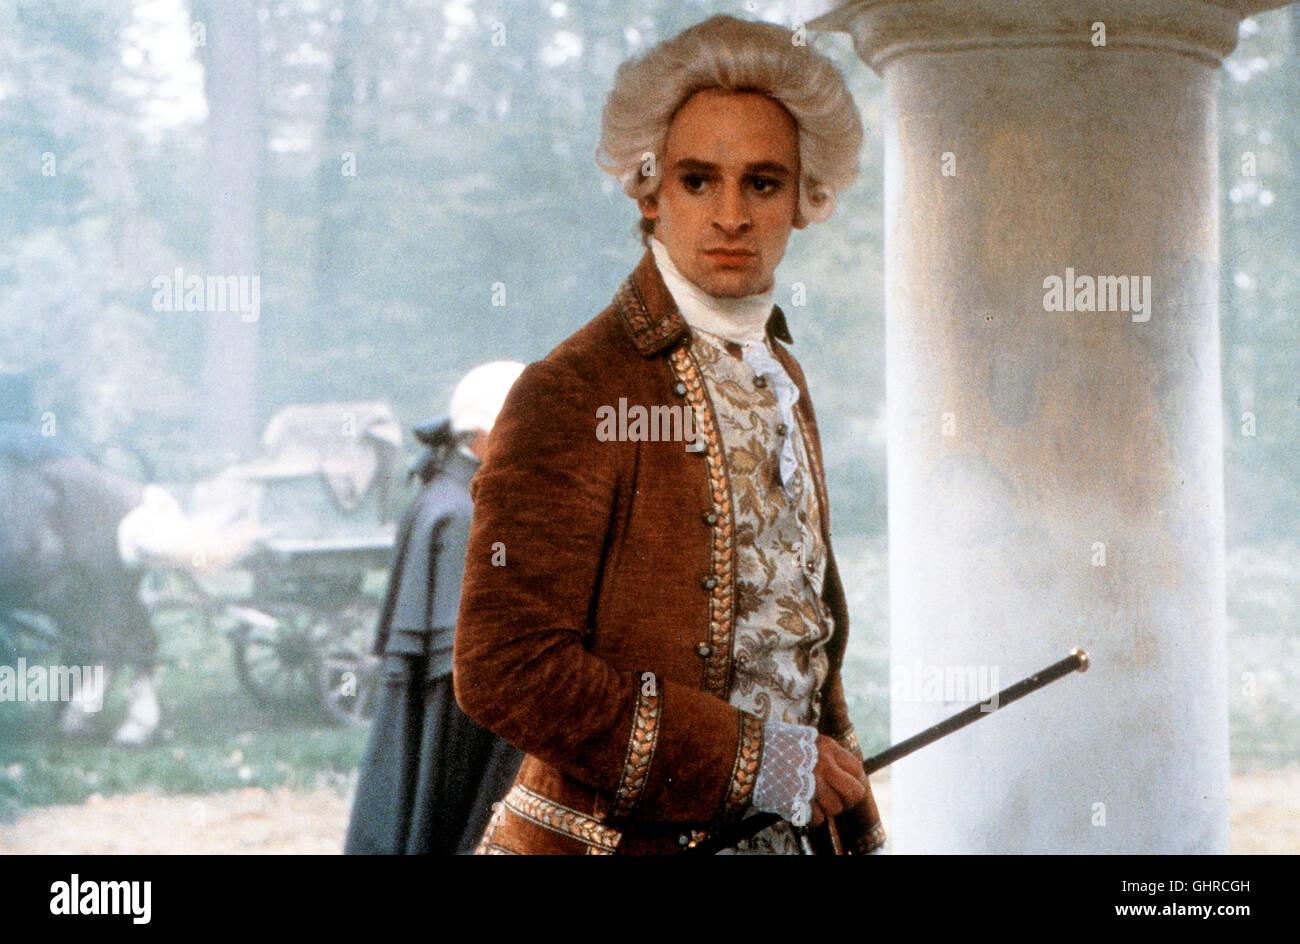 Vergesst Mozart 6.12.1791: Am Totenbett von Wolfgang Amadeus Mozart sind sieben Menschen versammelt - alle werden - Stock Image